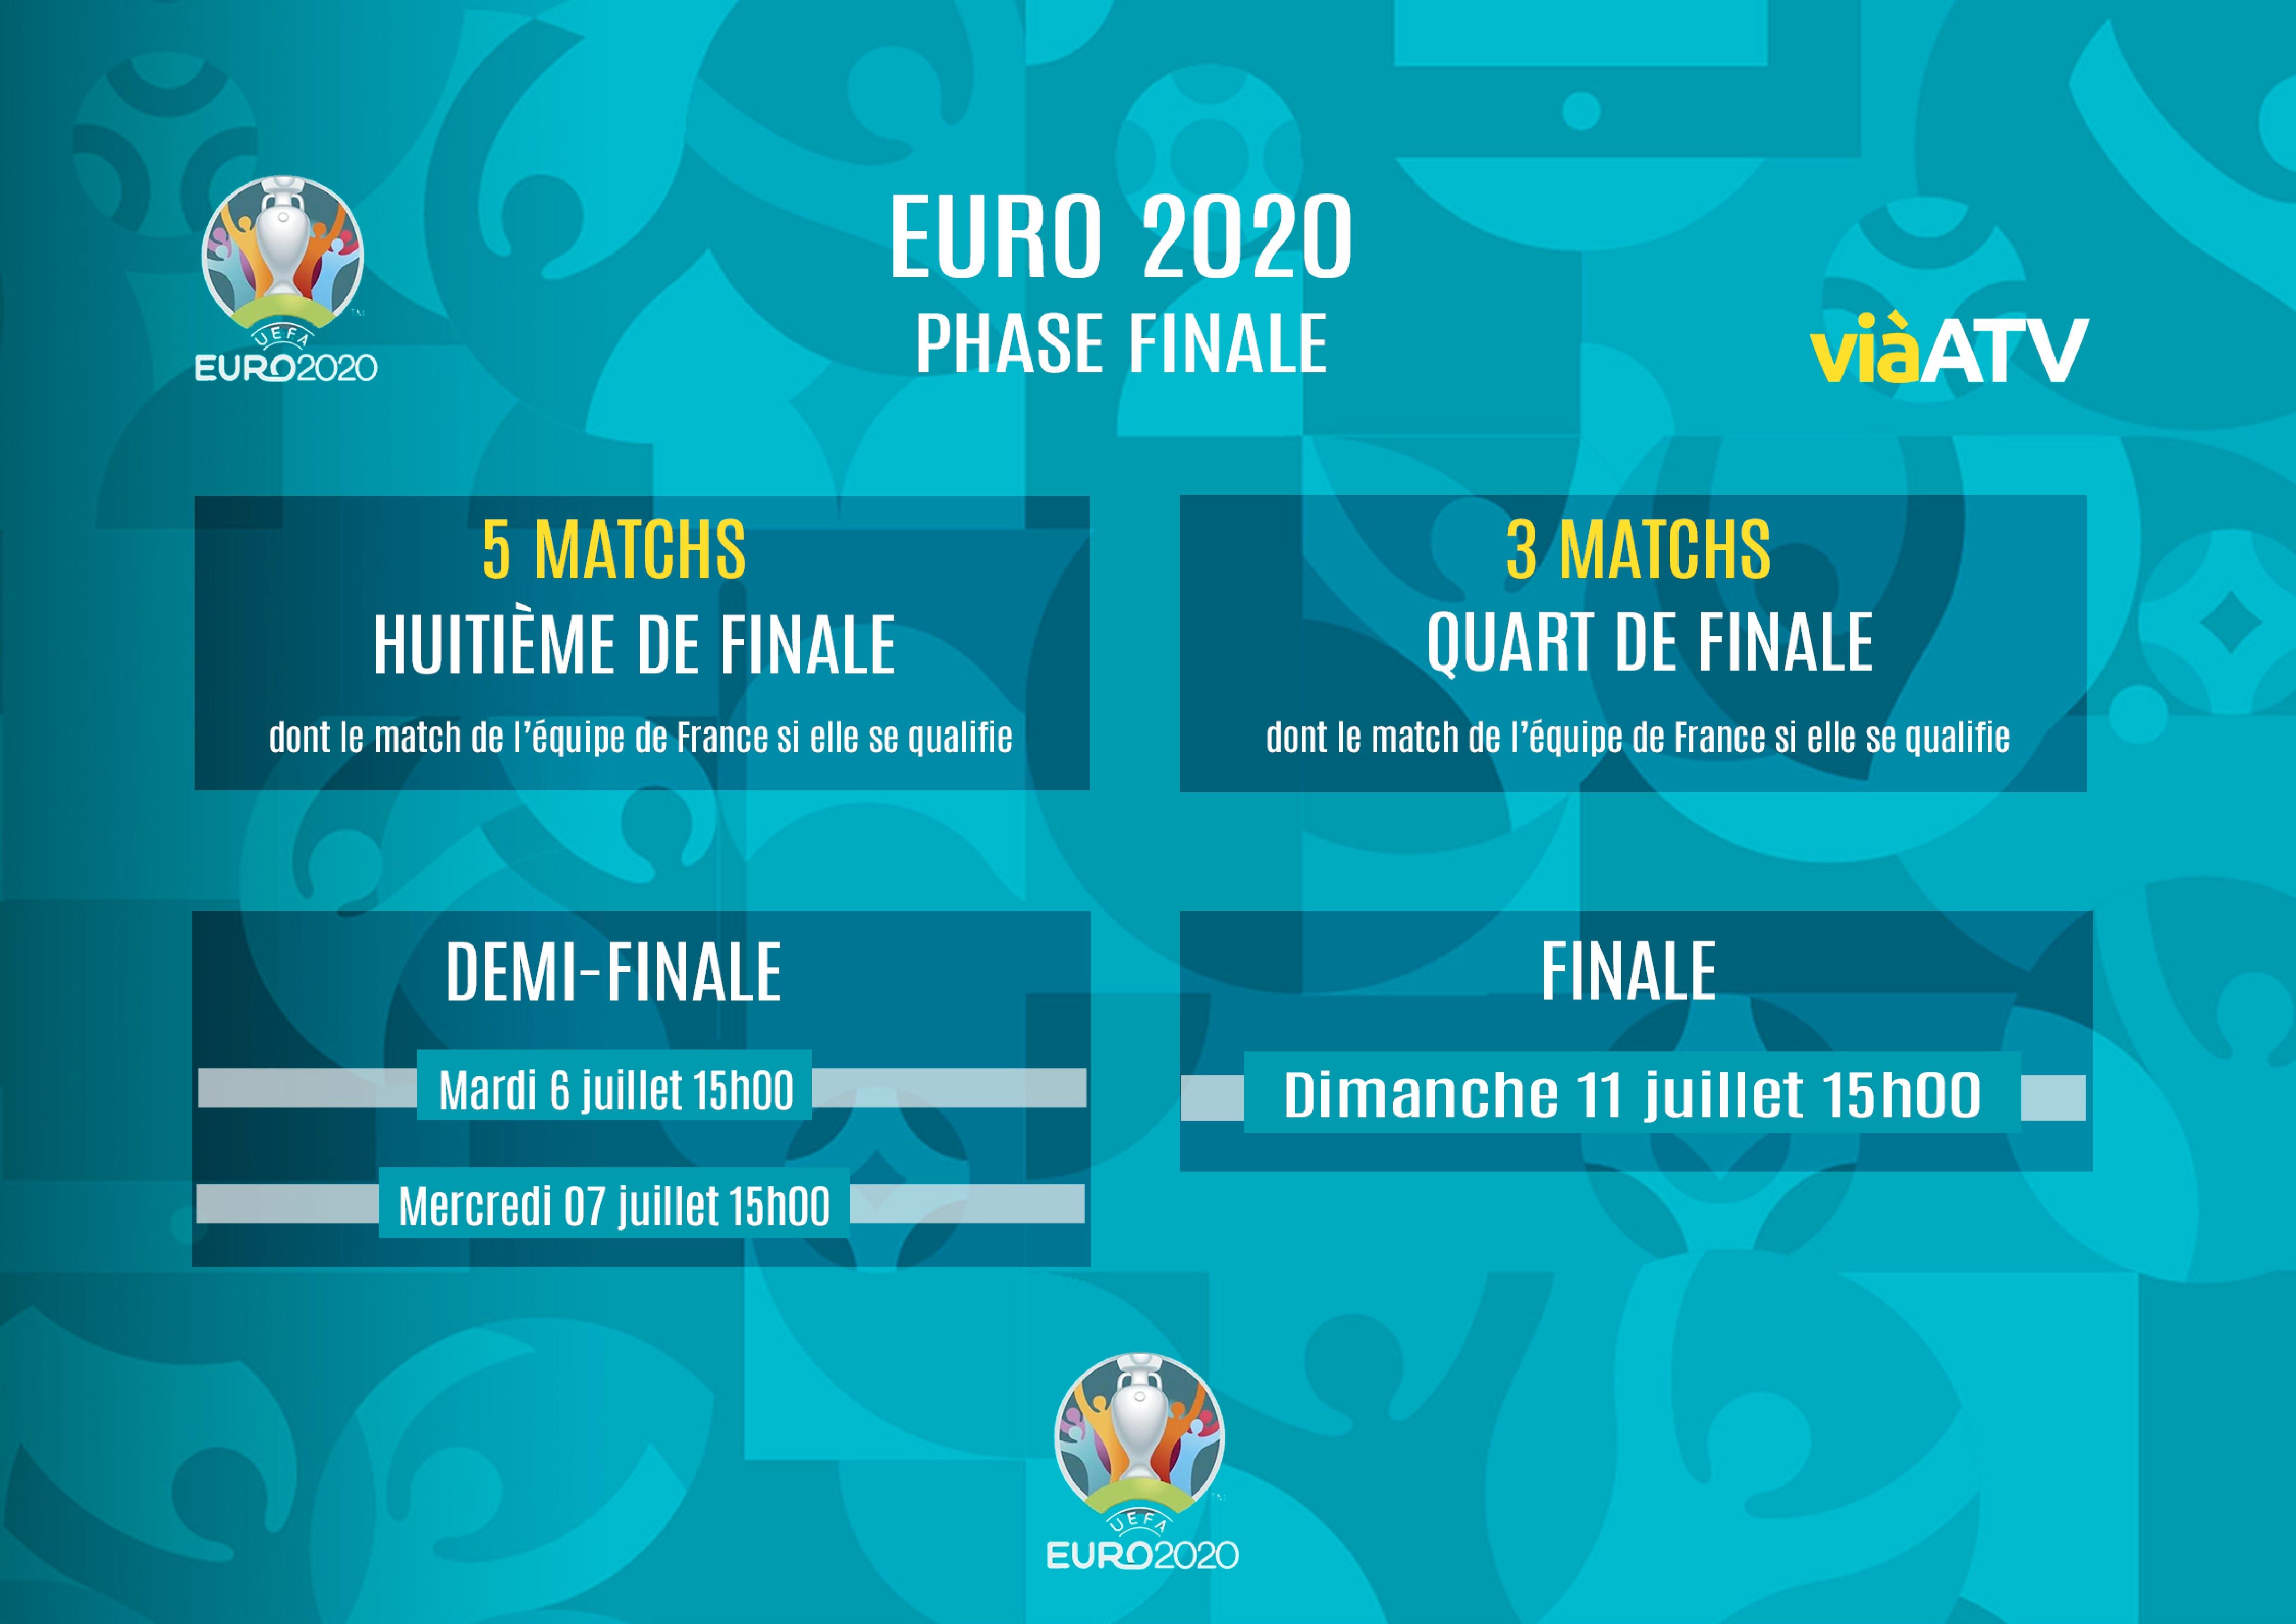 EURO 2020 : A suivre en direct et gratuitement sur ViàATV du 11 juin au 11 juillet 2021